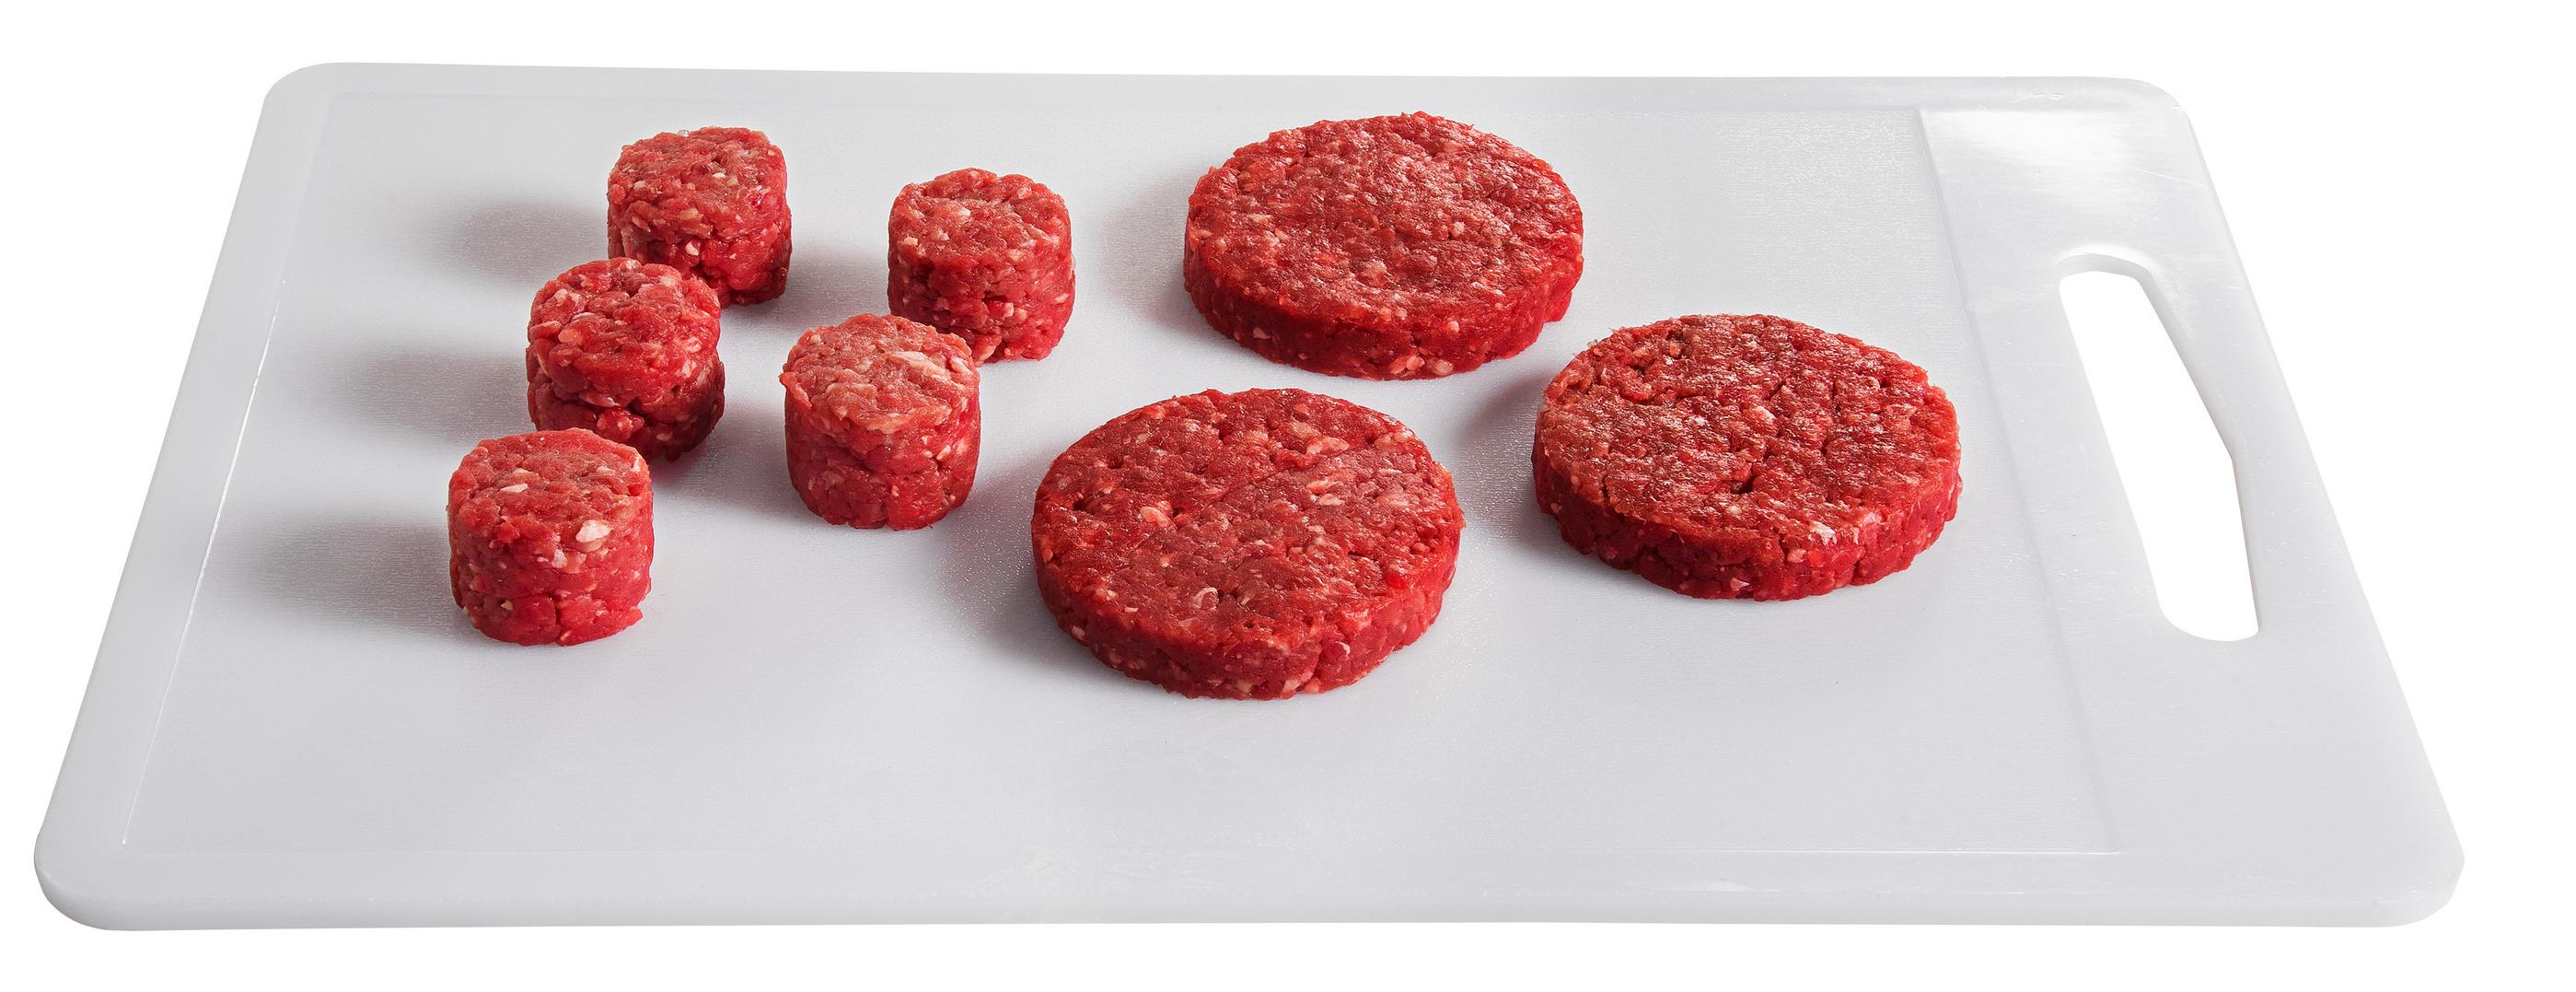 MS - Formatrici automatiche per polpette e hamburger